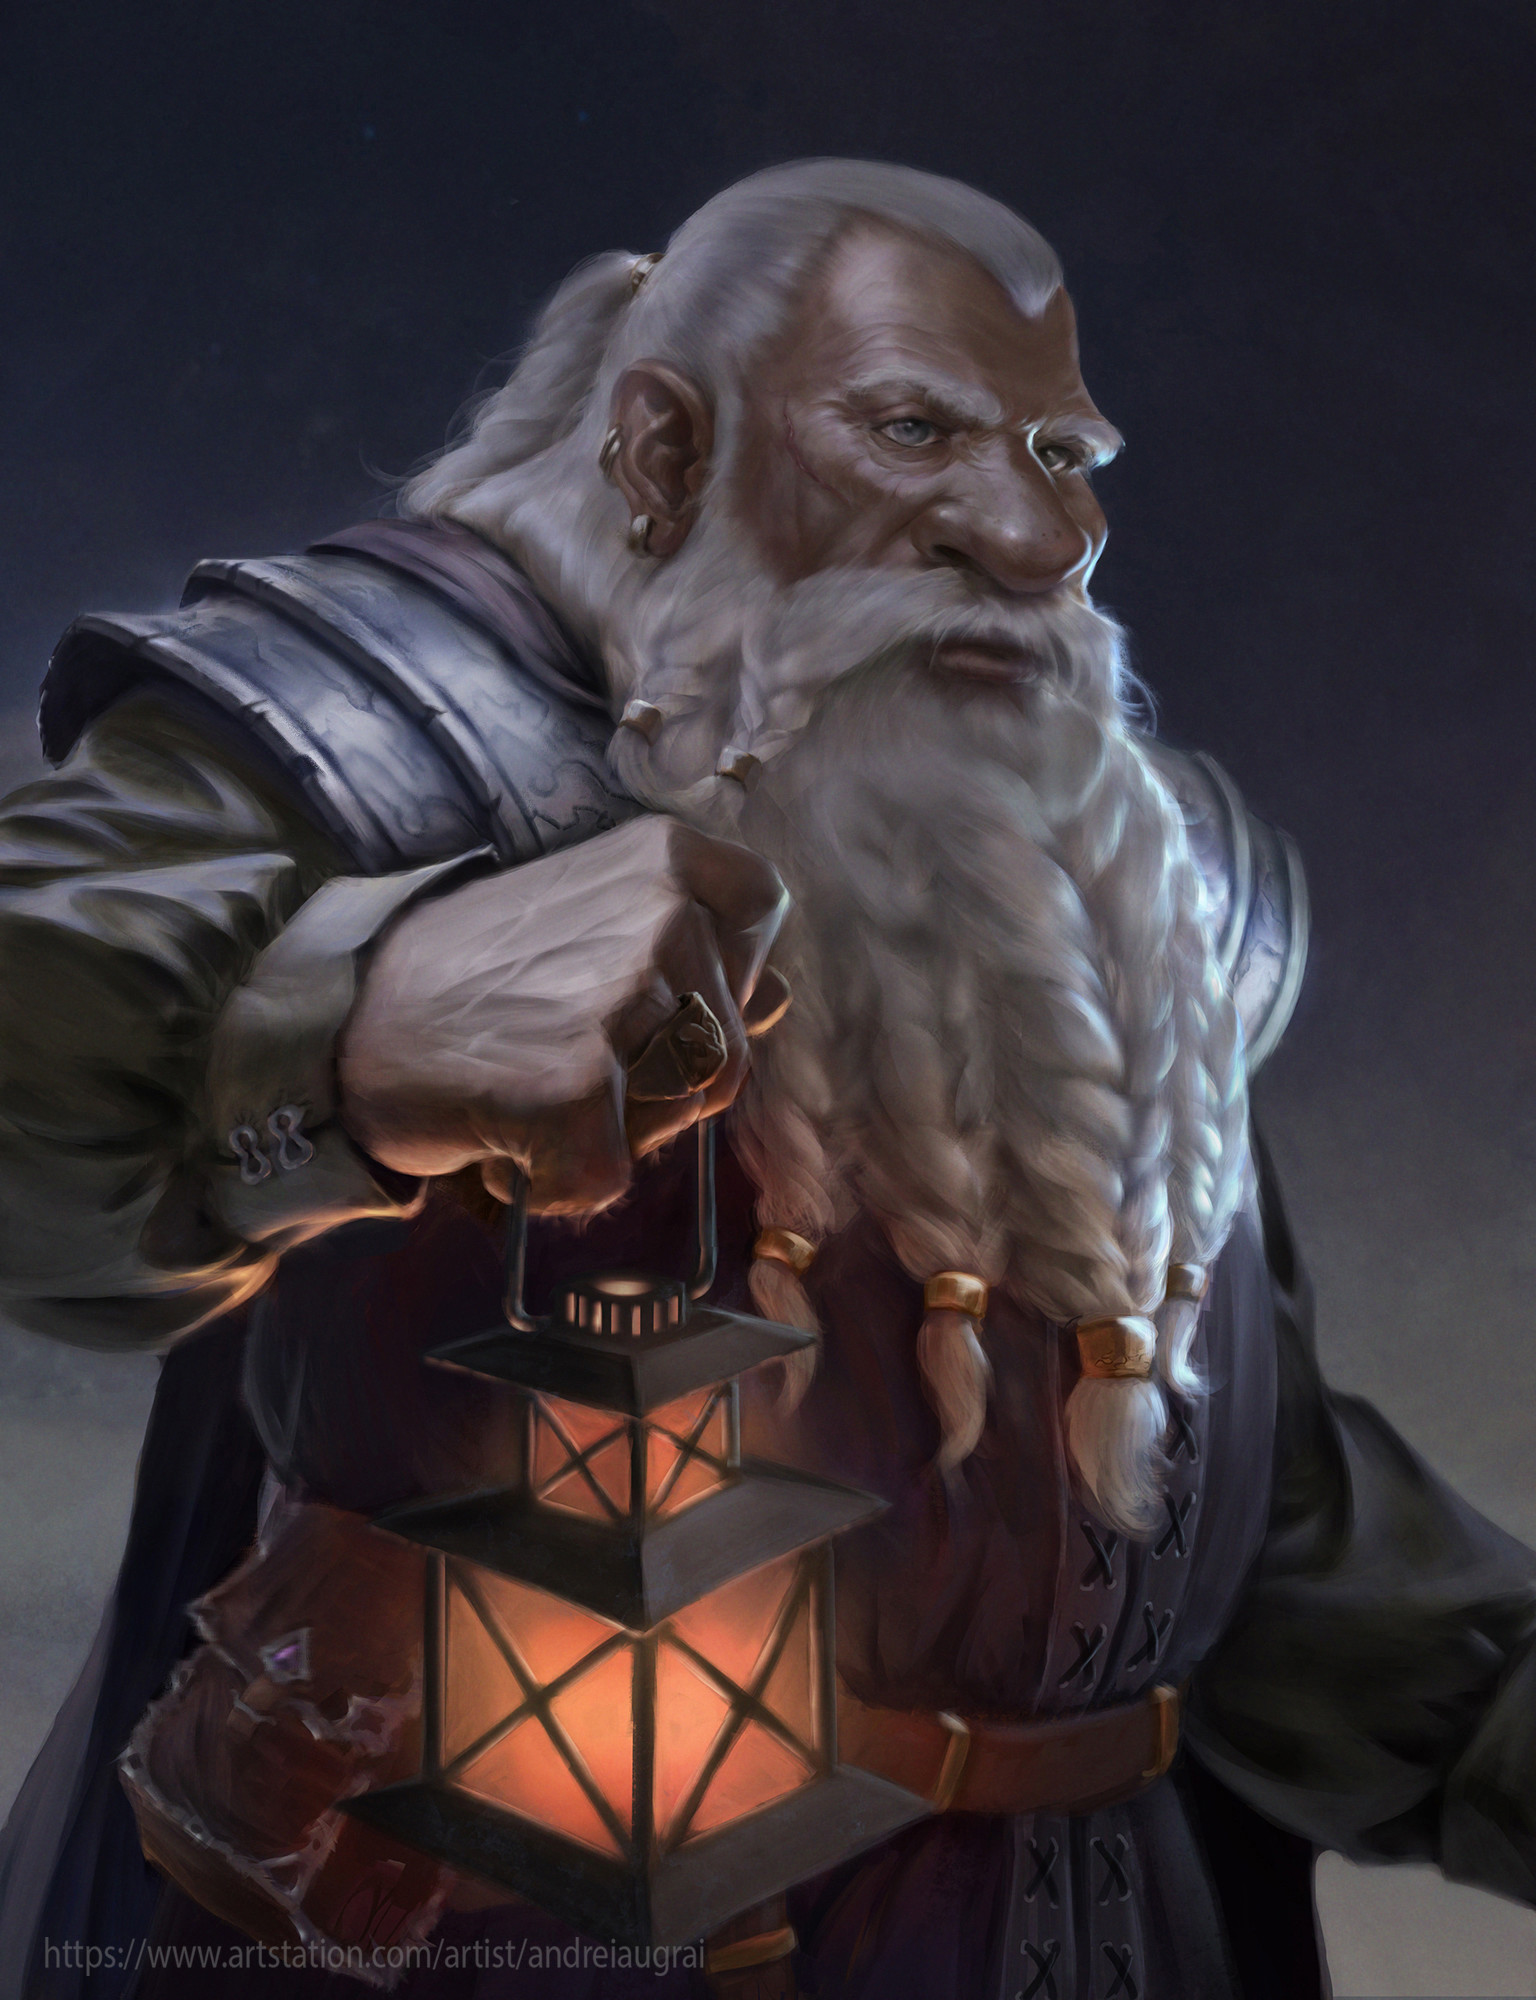 andreia-ugrai-dwarf-andreiaugrai.jpg?146